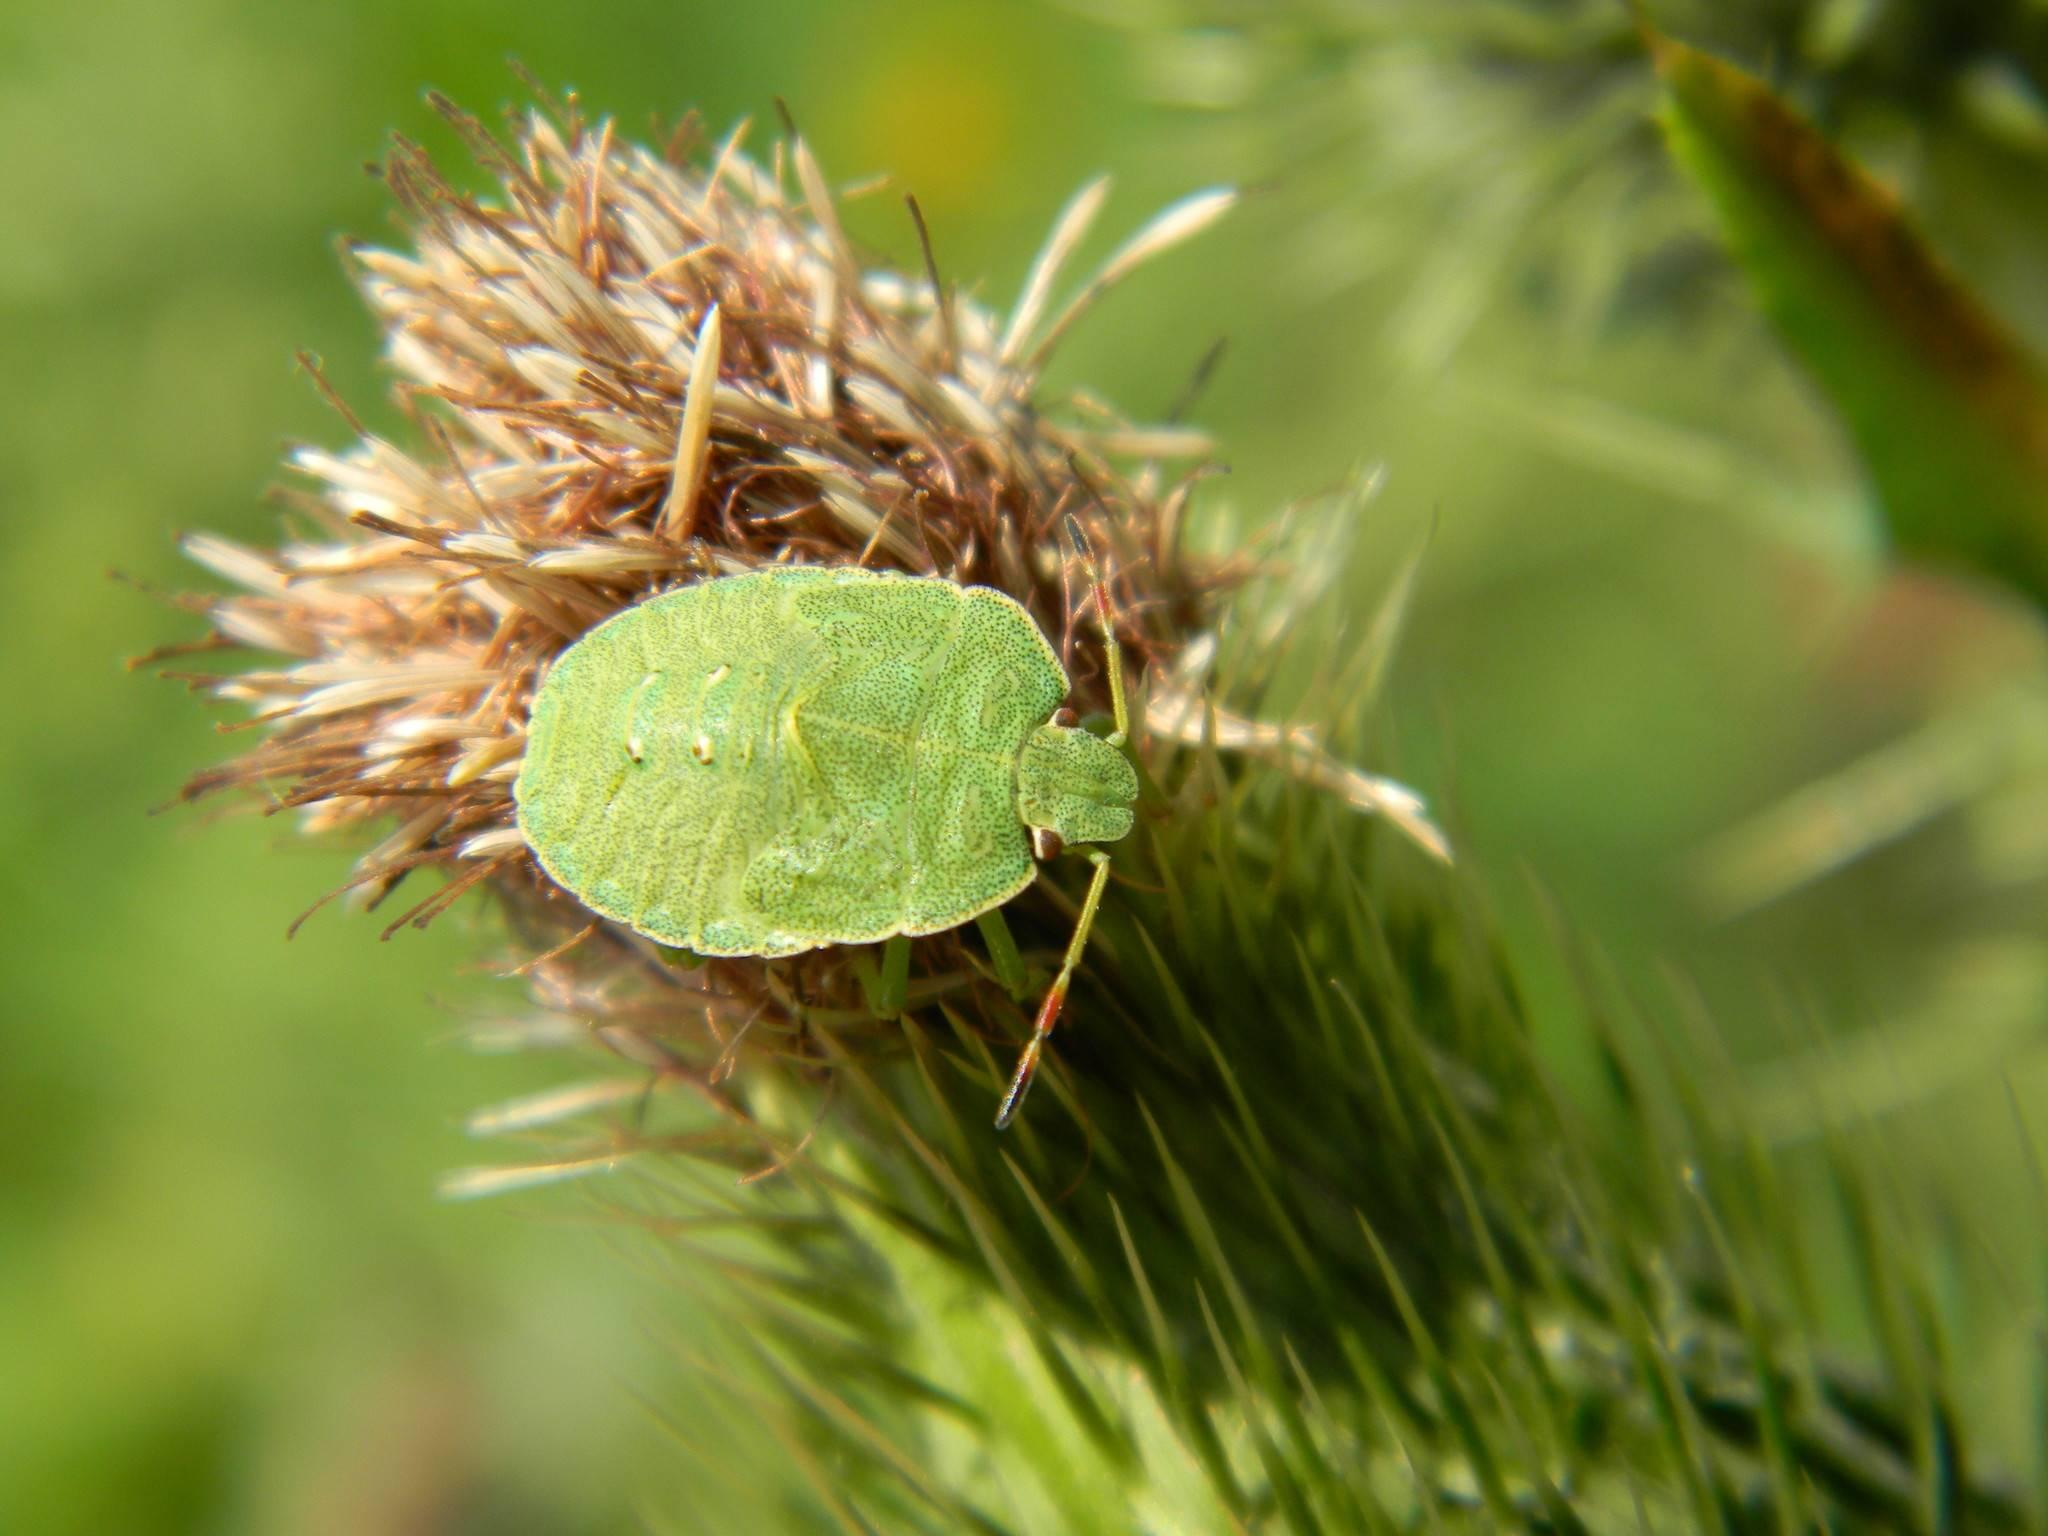 Огородные клопы – вредители с запахом